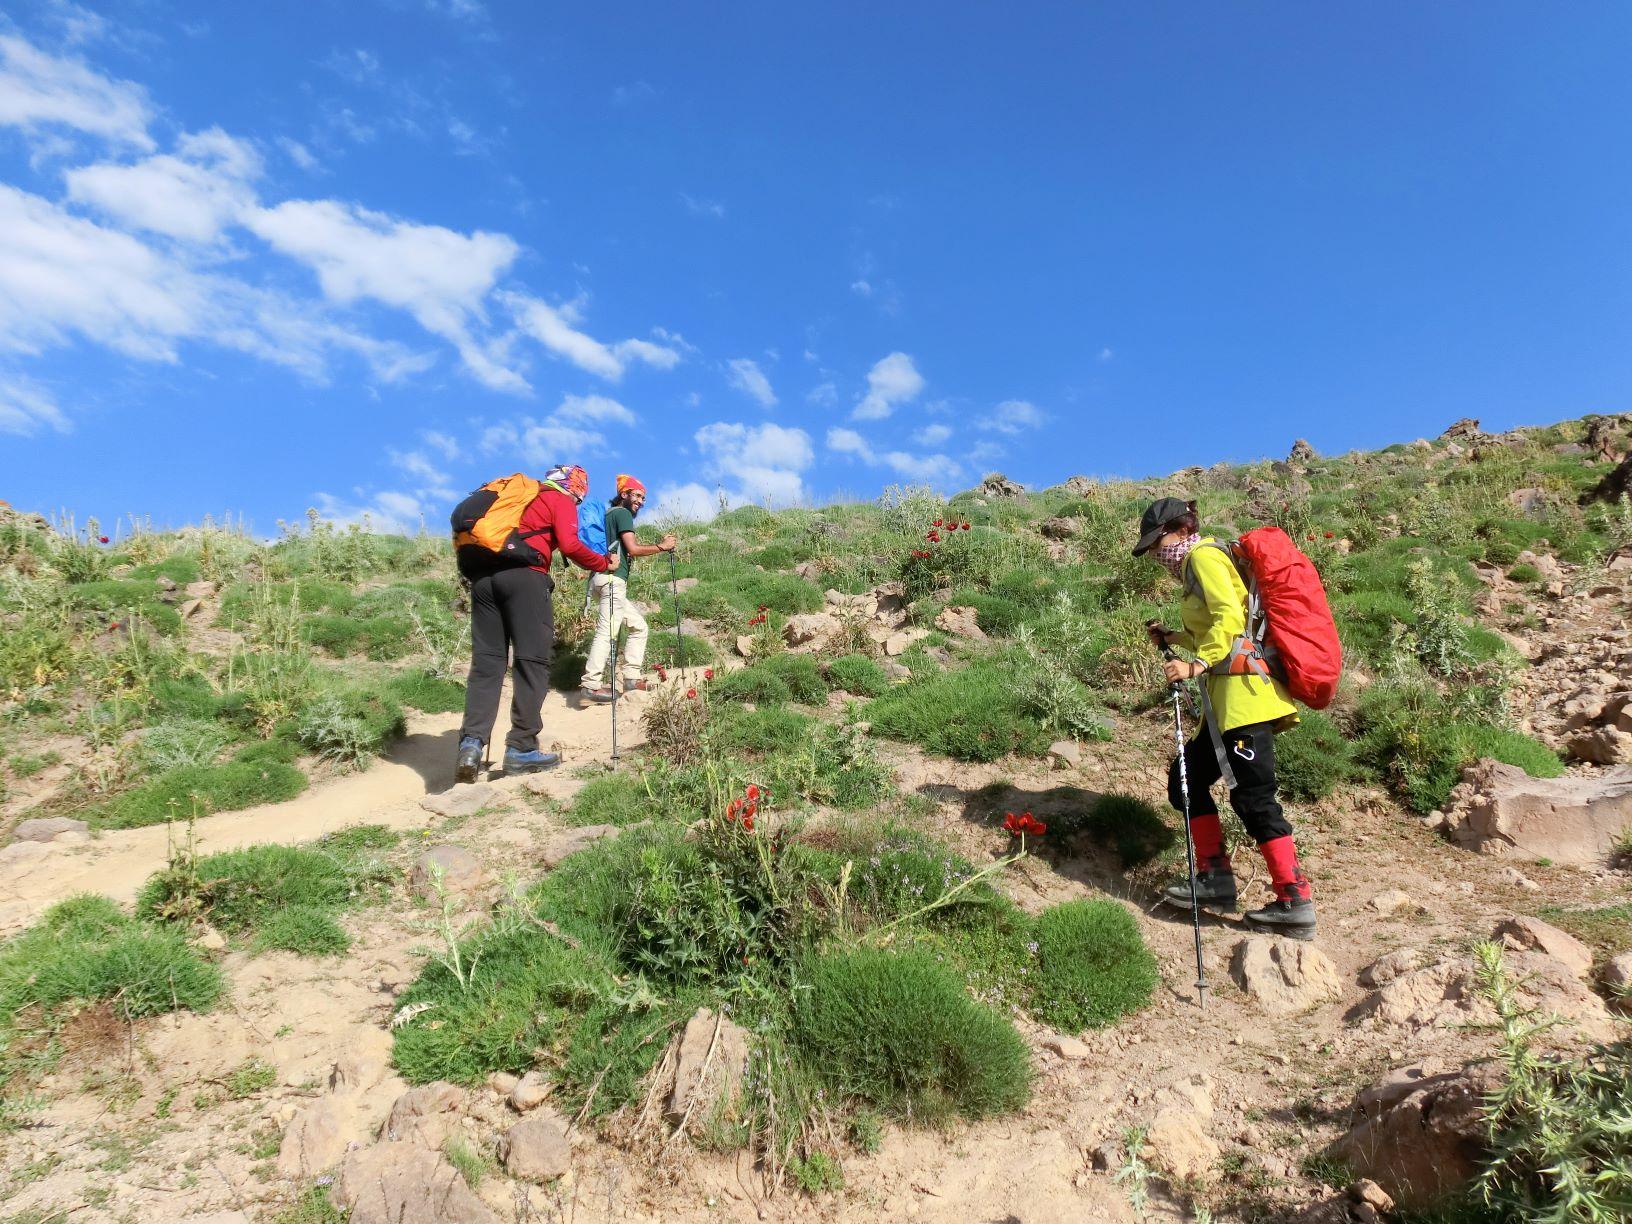 رفیق کوهنورد گلیه از گلهای بهشت